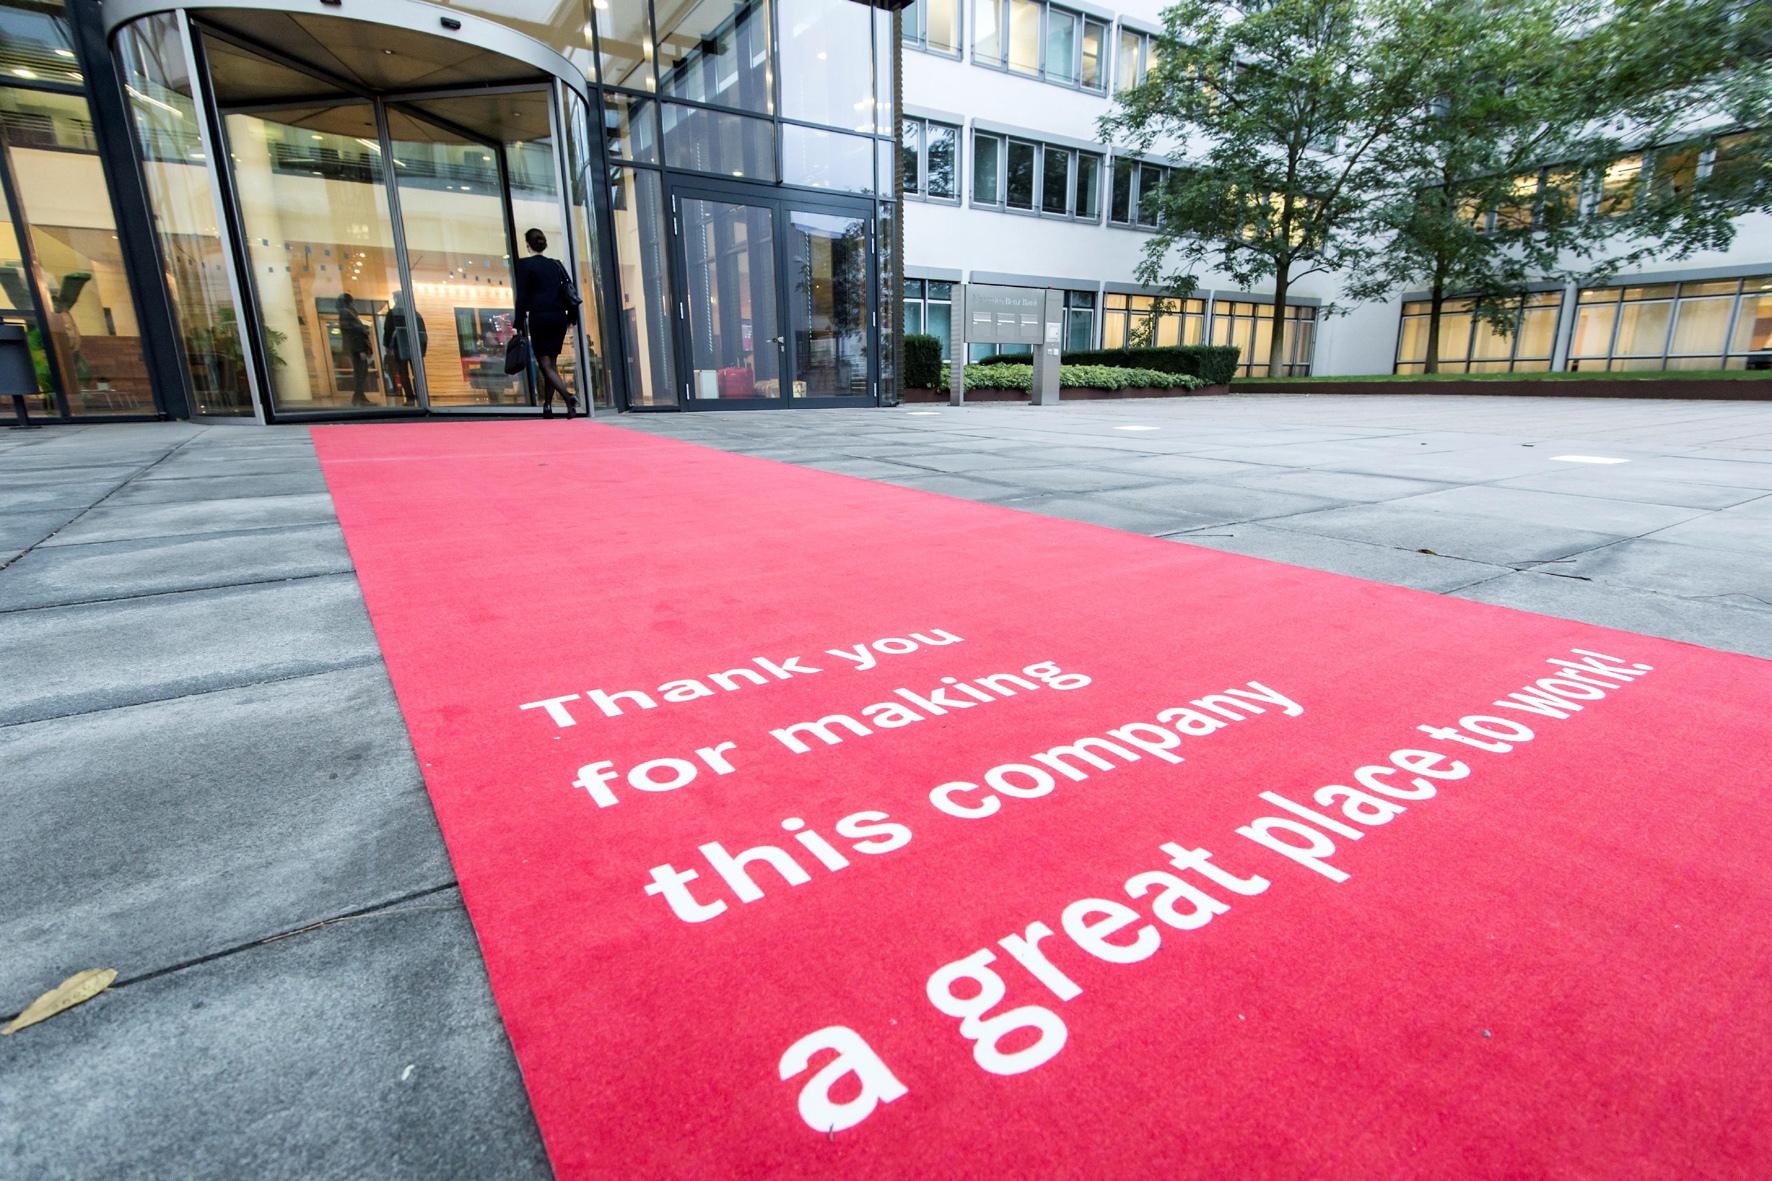 mid Düsseldorf - Daimler rollt zum 25-jährigen Bestehen seiner Dienstleistungssparte für die Kunden den roten Teppich aus: Dank der Finanzdienstleistungen könnten sich noch mehr Kunden ihren Traum vom eigenen Mercedes erfüllen.